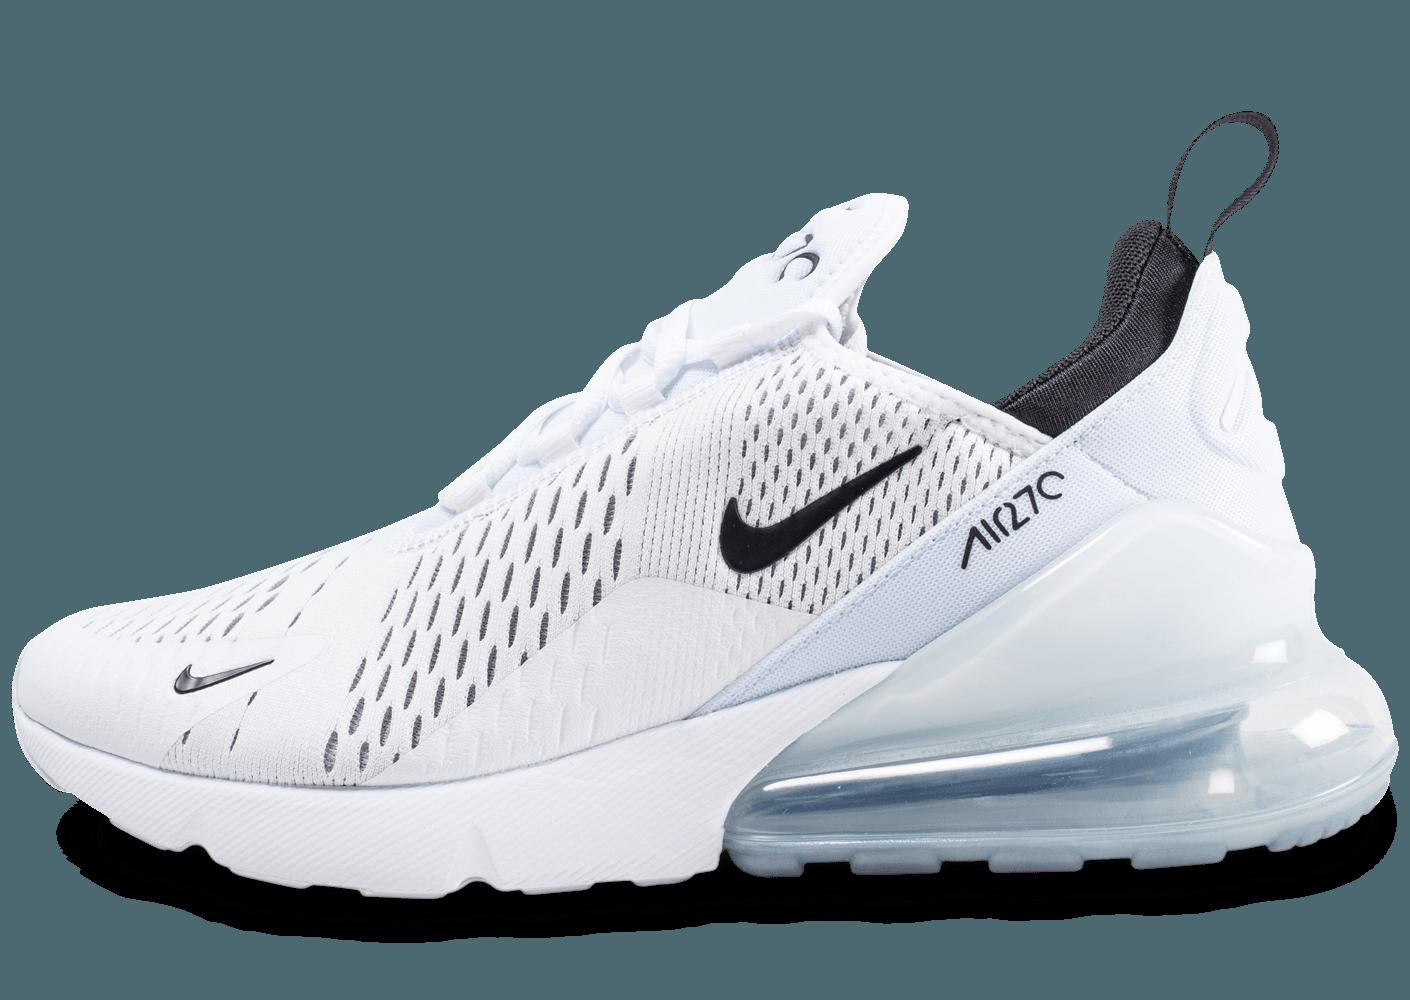 sports shoes c3a0d c6a47 Chasse à la sortie nike air max 270 blanche, Chaussure de nike air ...